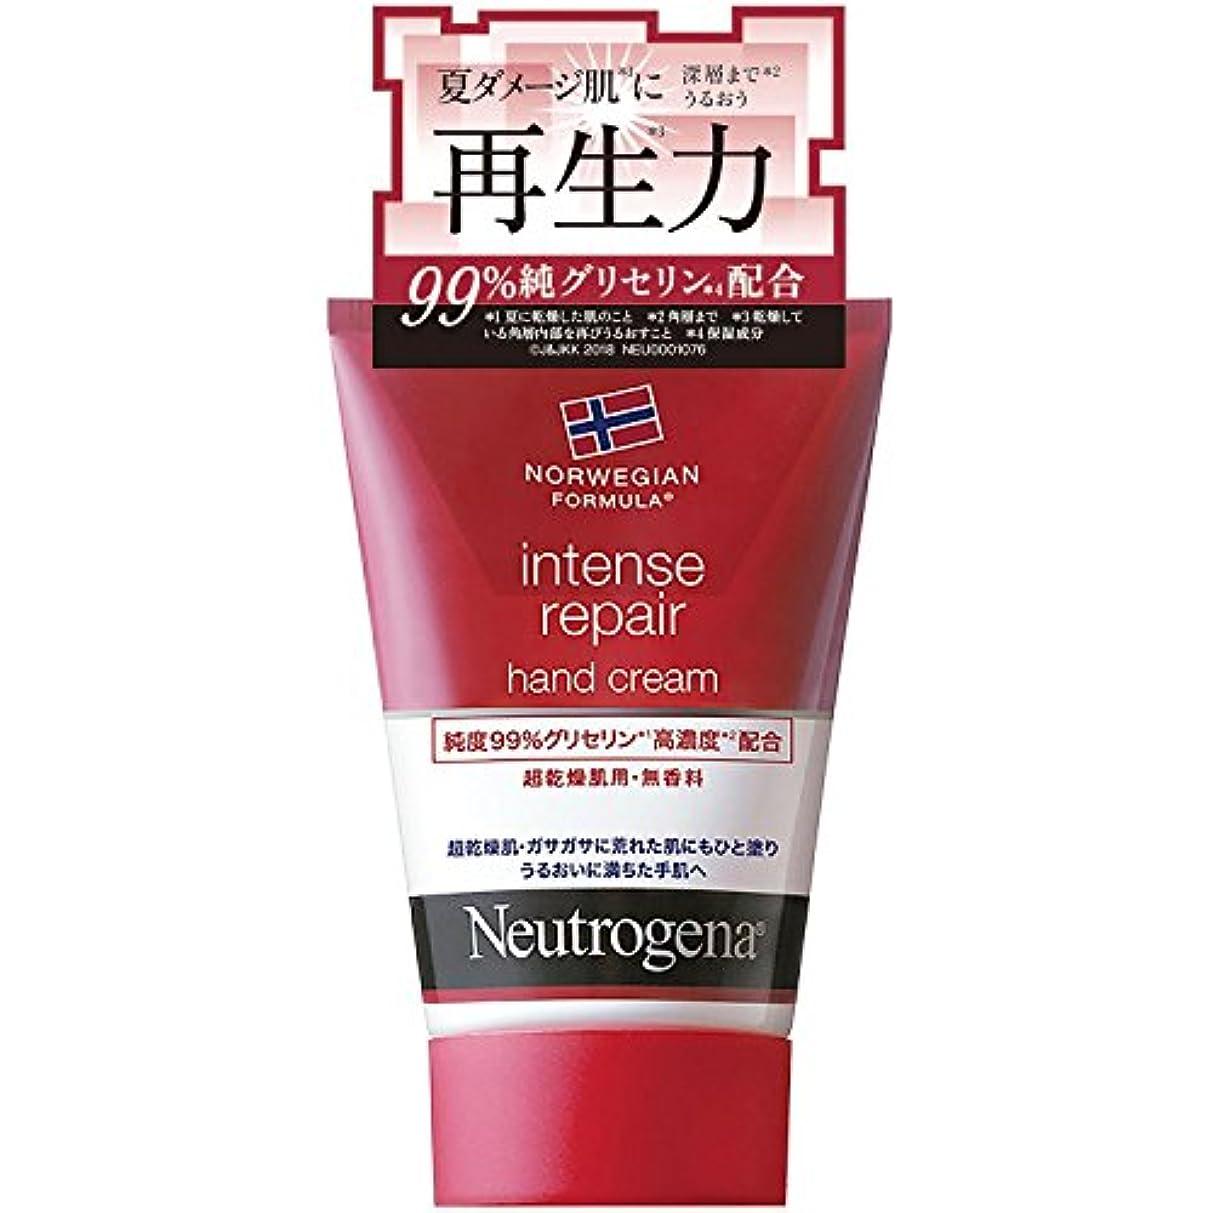 上に当社講義Neutrogena(ニュートロジーナ) ノルウェーフォーミュラ インテンスリペア ハンドクリーム 超乾燥肌用 無香料 単品 50g